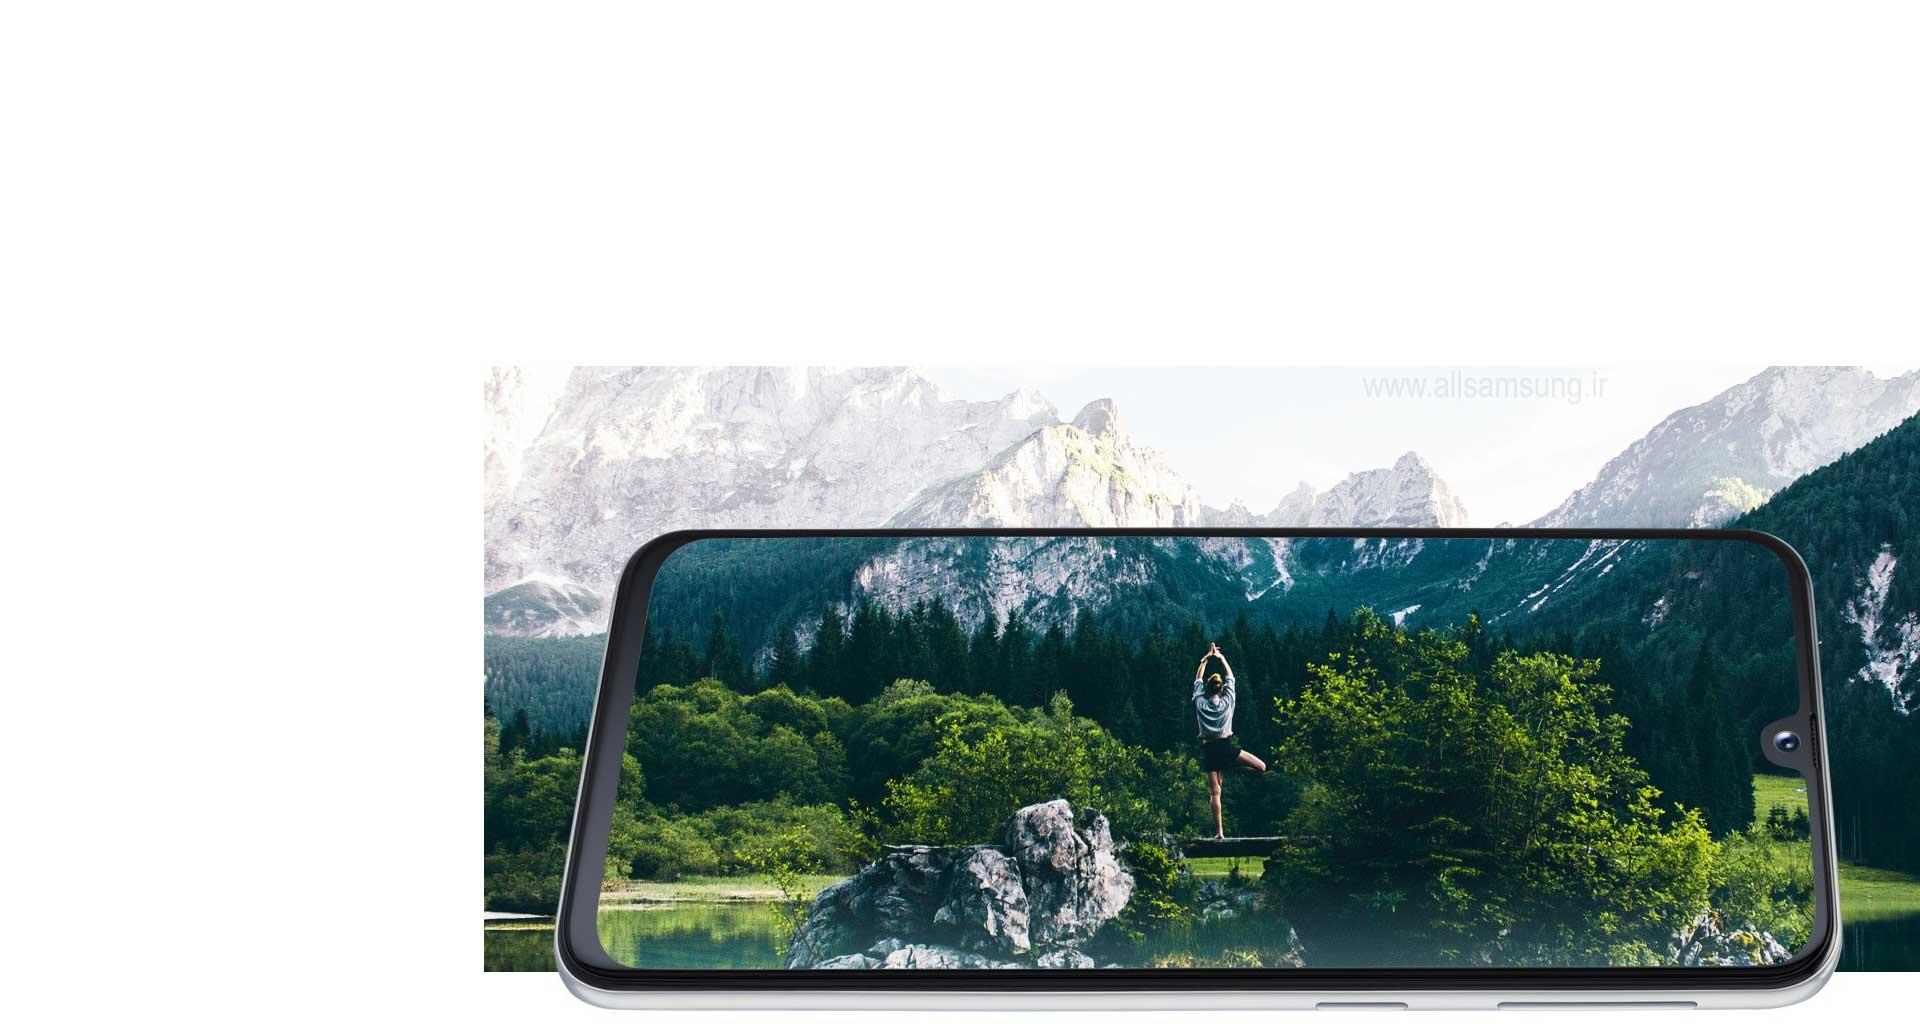 دنیا را با صفحه نمایش گوشی گلکسی A40، بهتر ببینید!